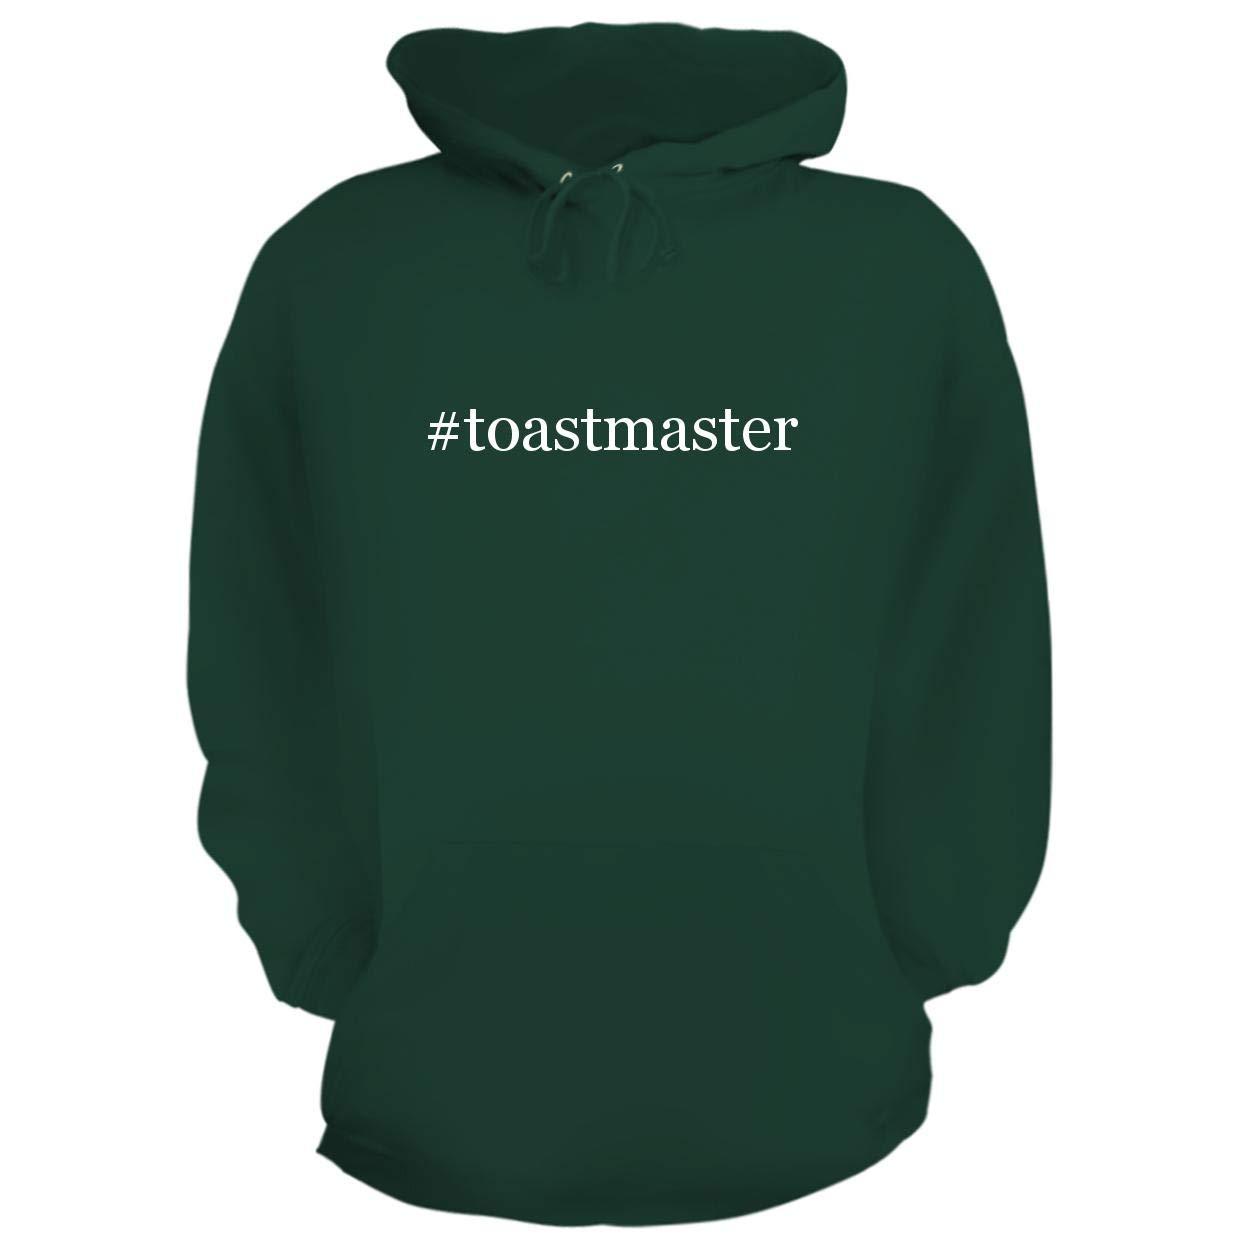 BH Cool Designs #Toastmaster - Graphic Hoodie Sweatshirt